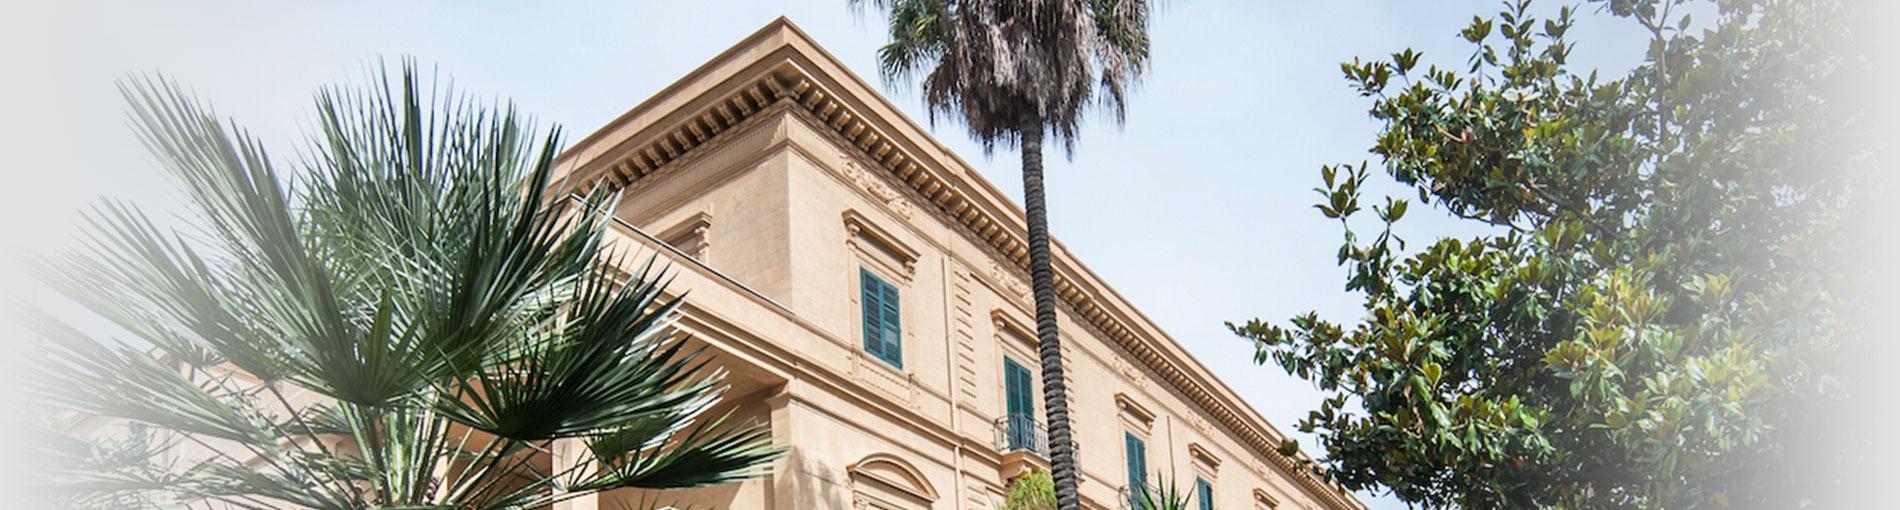 Fondazione Sicilia - Photo 8192